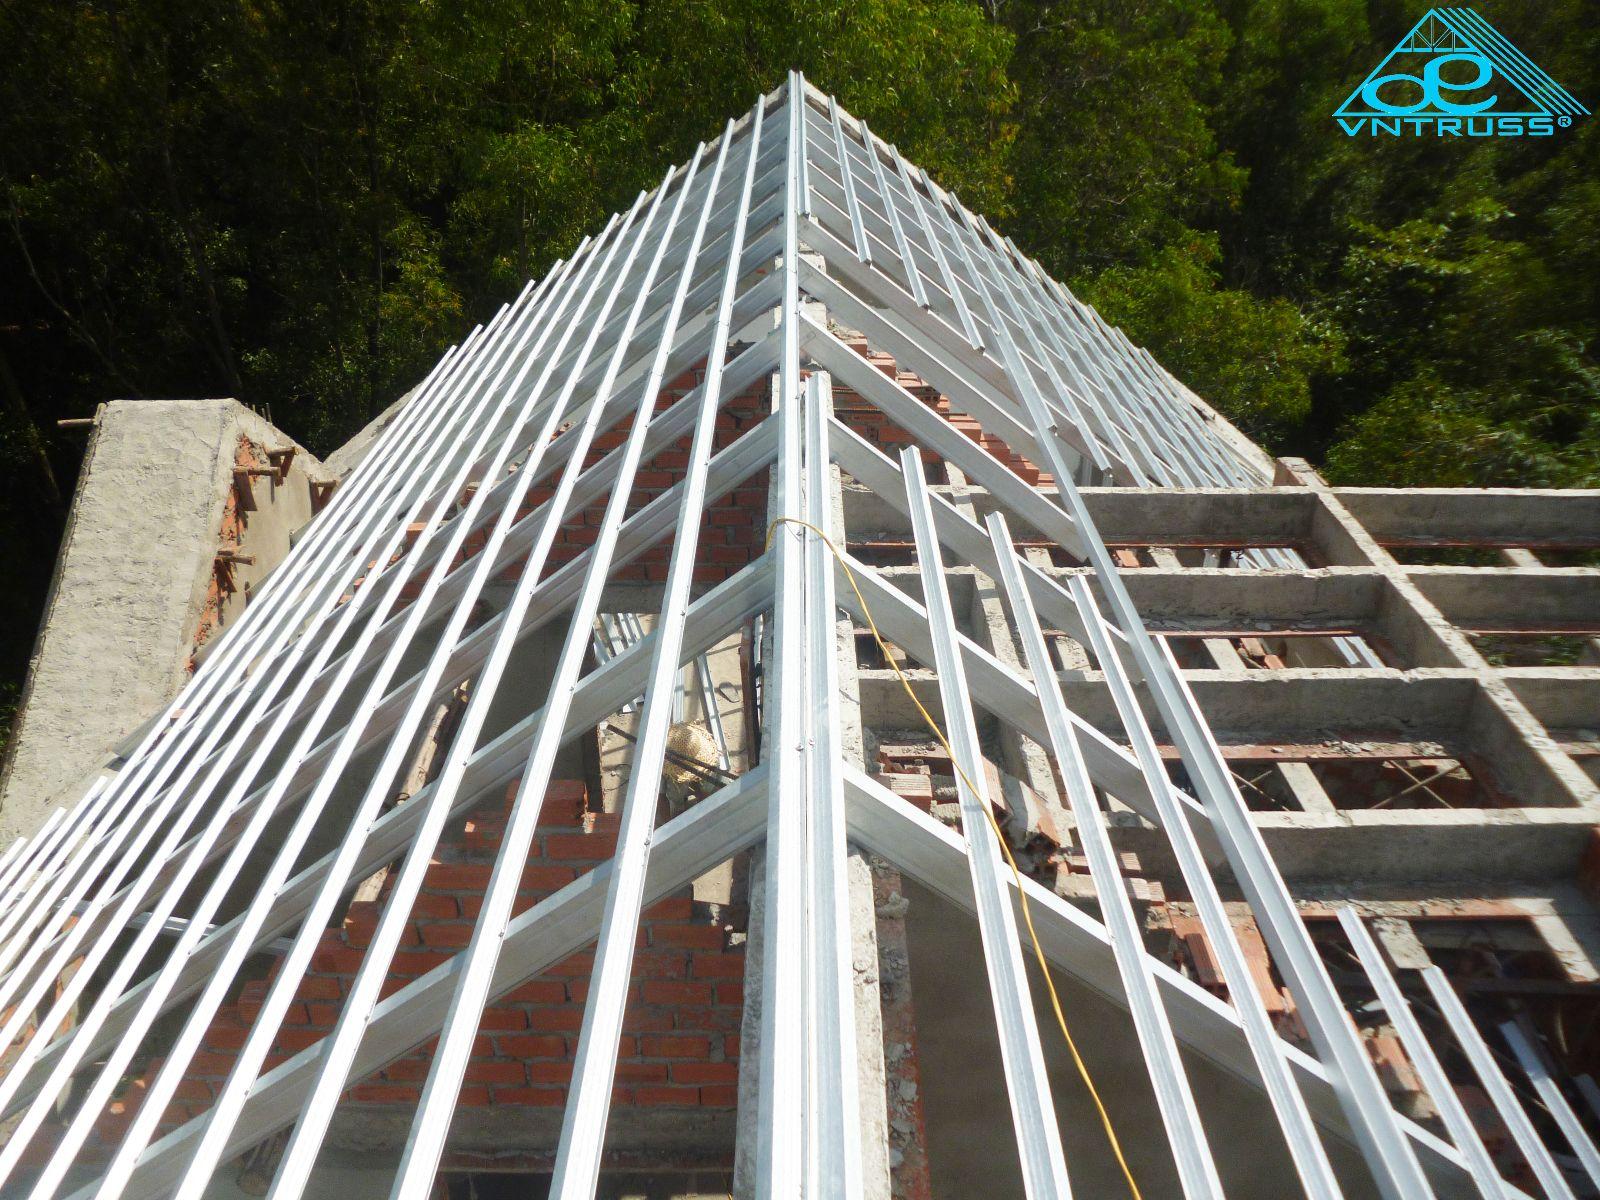 khung kèo thép mạ siêu nhẹ vntruss sản phẩm tốt nhất cho mái nhà lợp ngói